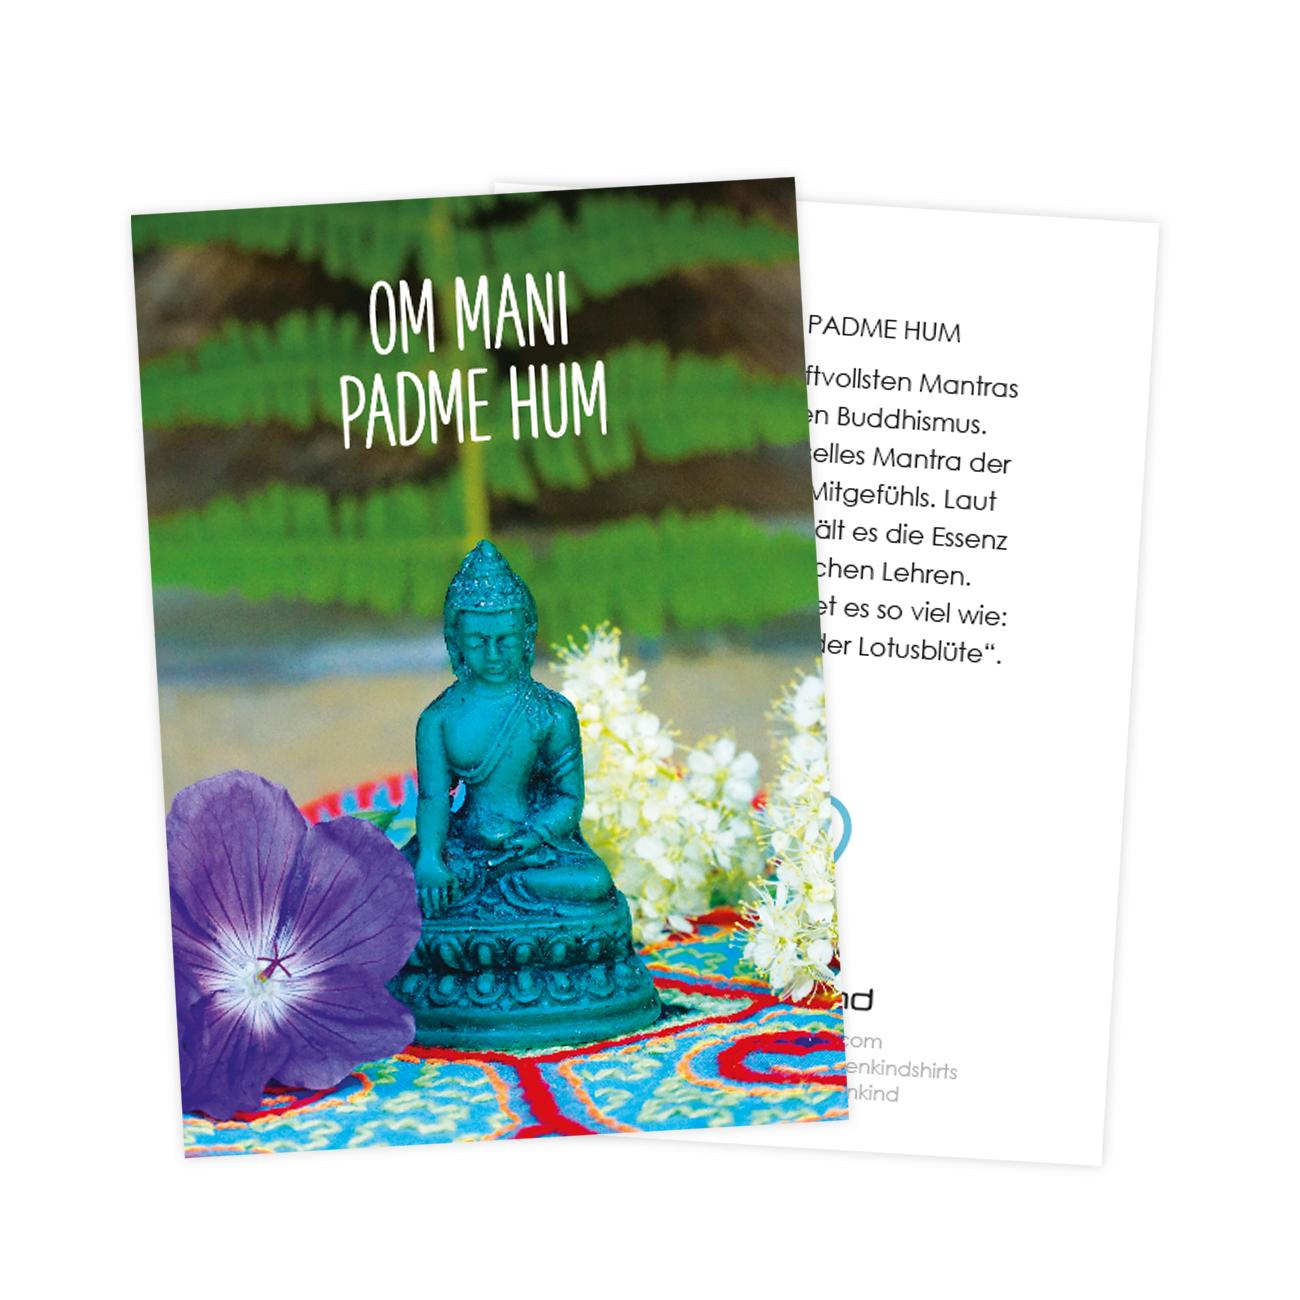 Mantra cards by Erdenkind / Om mani padme om